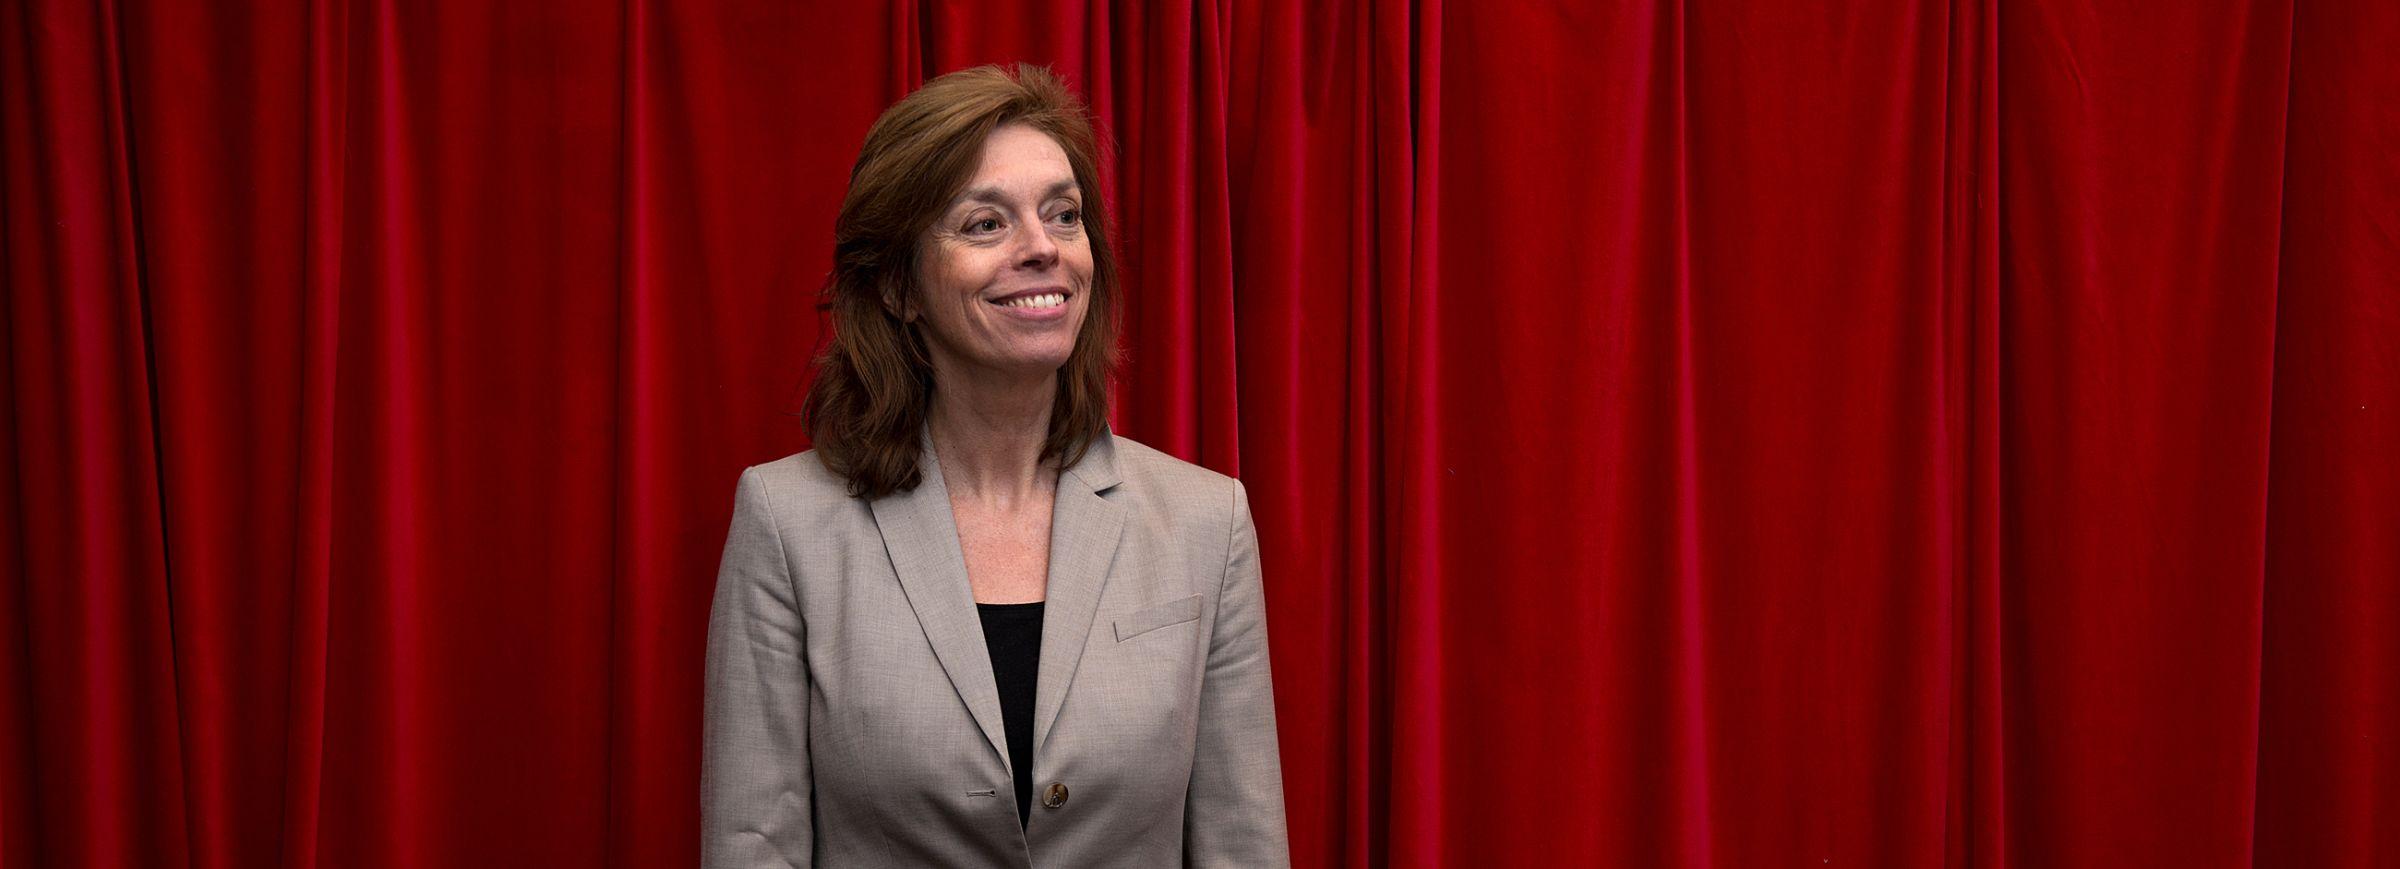 Carolyn van de Wijngaert